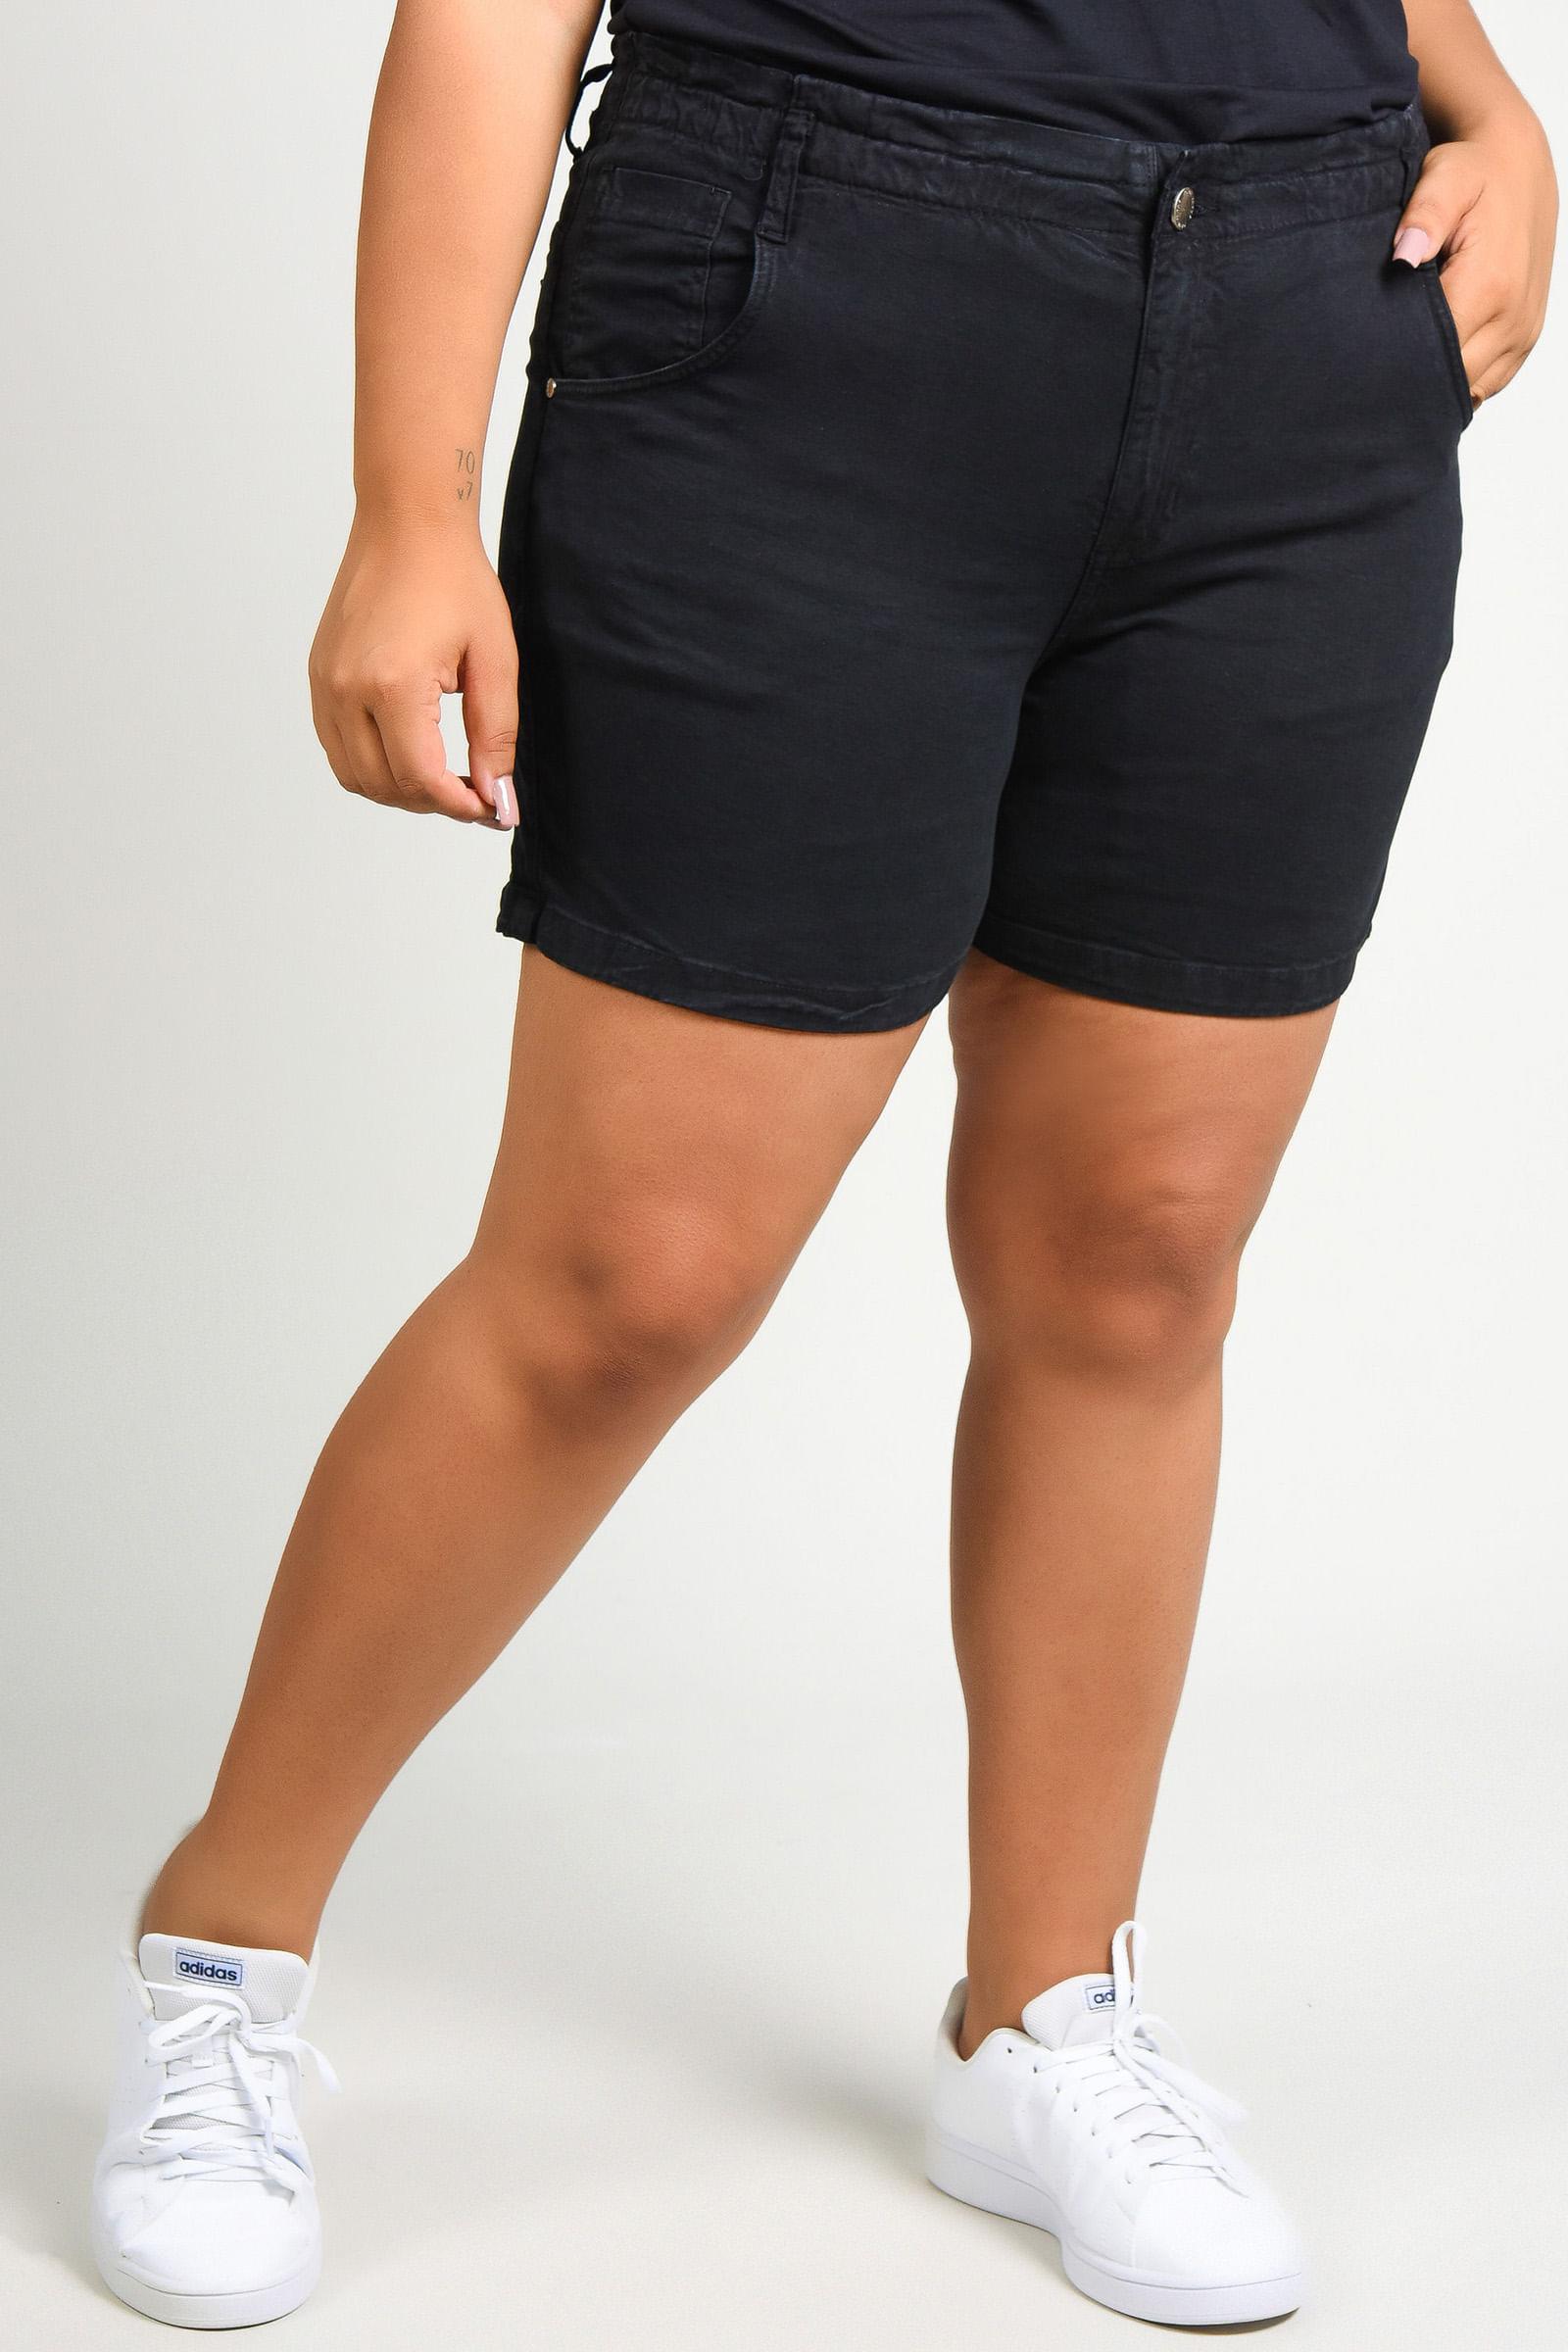 Shorts de sarja com elastano plus size preto